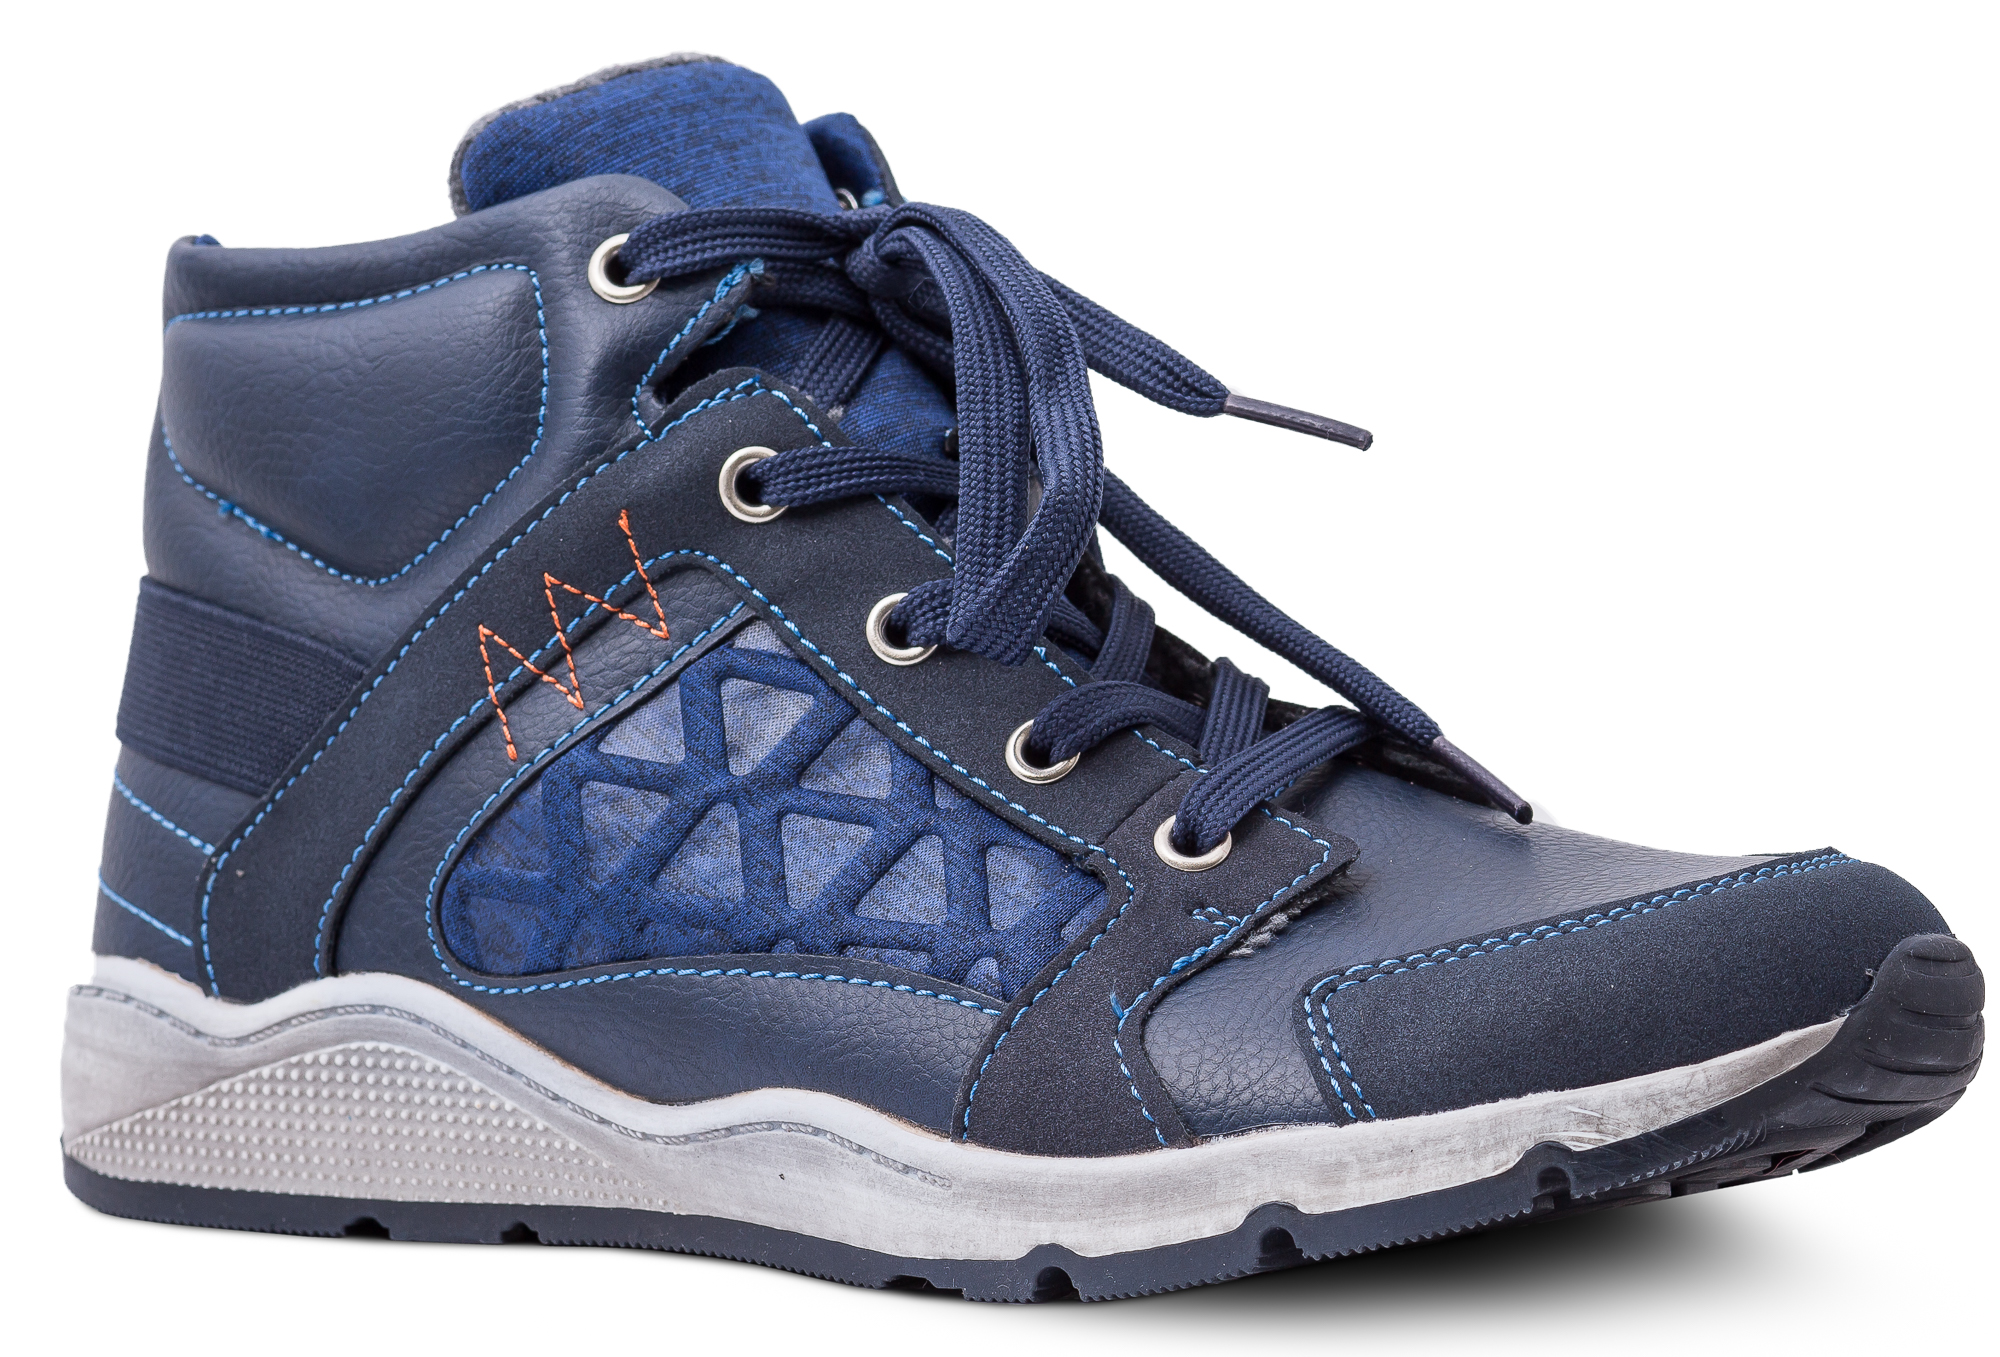 Ботинки для мальчика Barkito 441139 ботинки для мальчика barkito krw18202